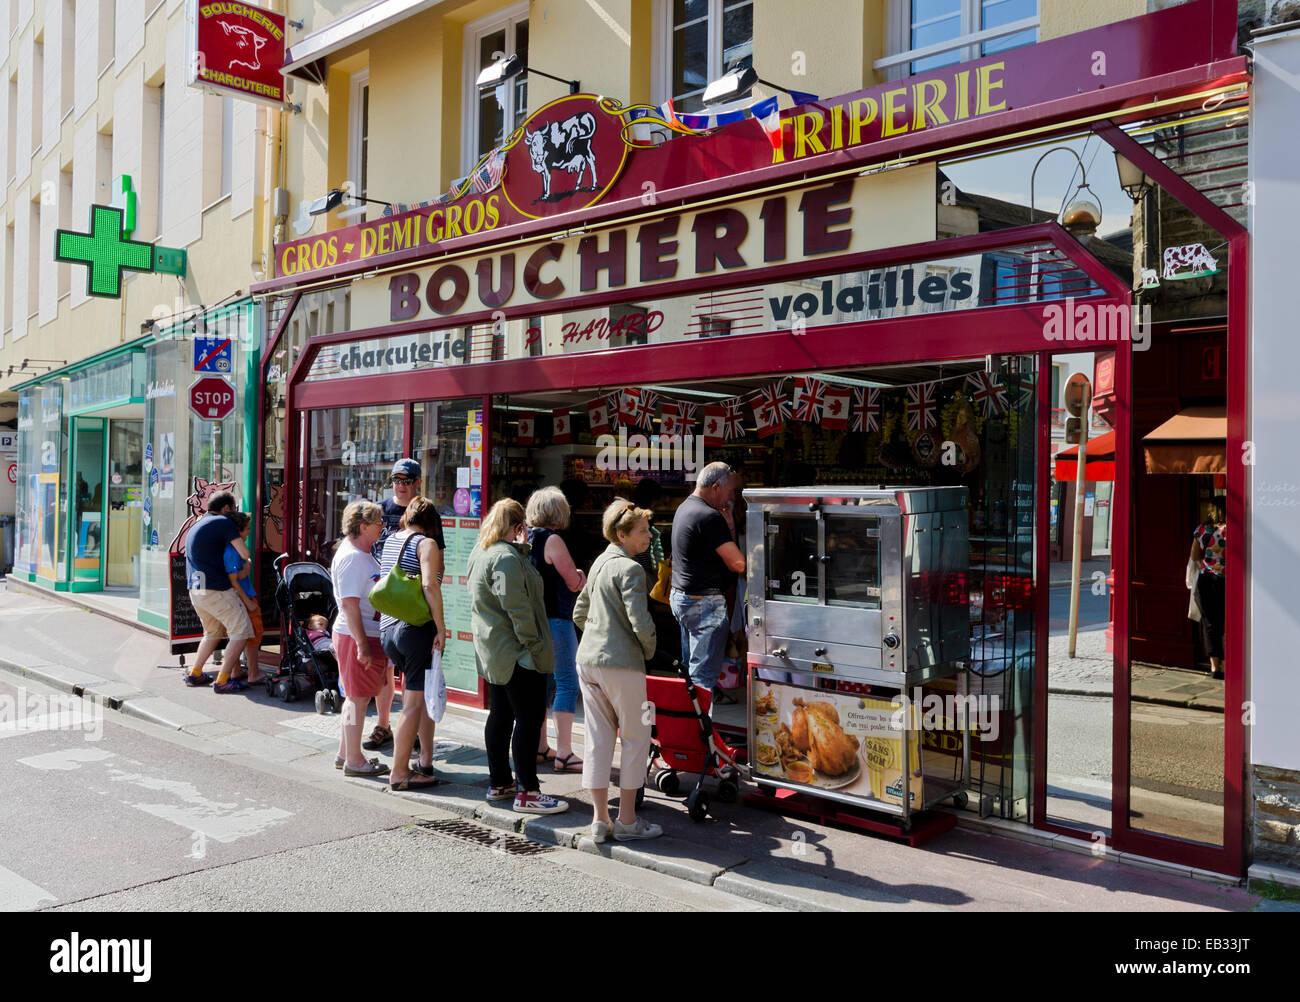 Grupos De Personas Haciendo Cola Fuera De Carnicerias En Cherbourg